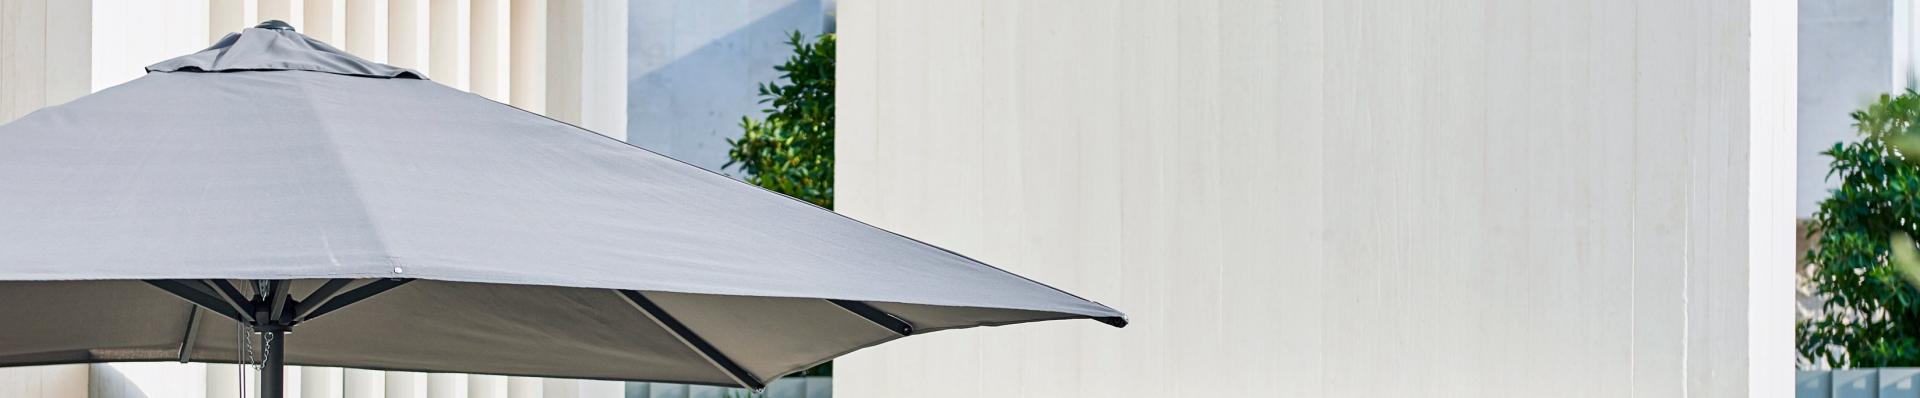 Cane-line parasols